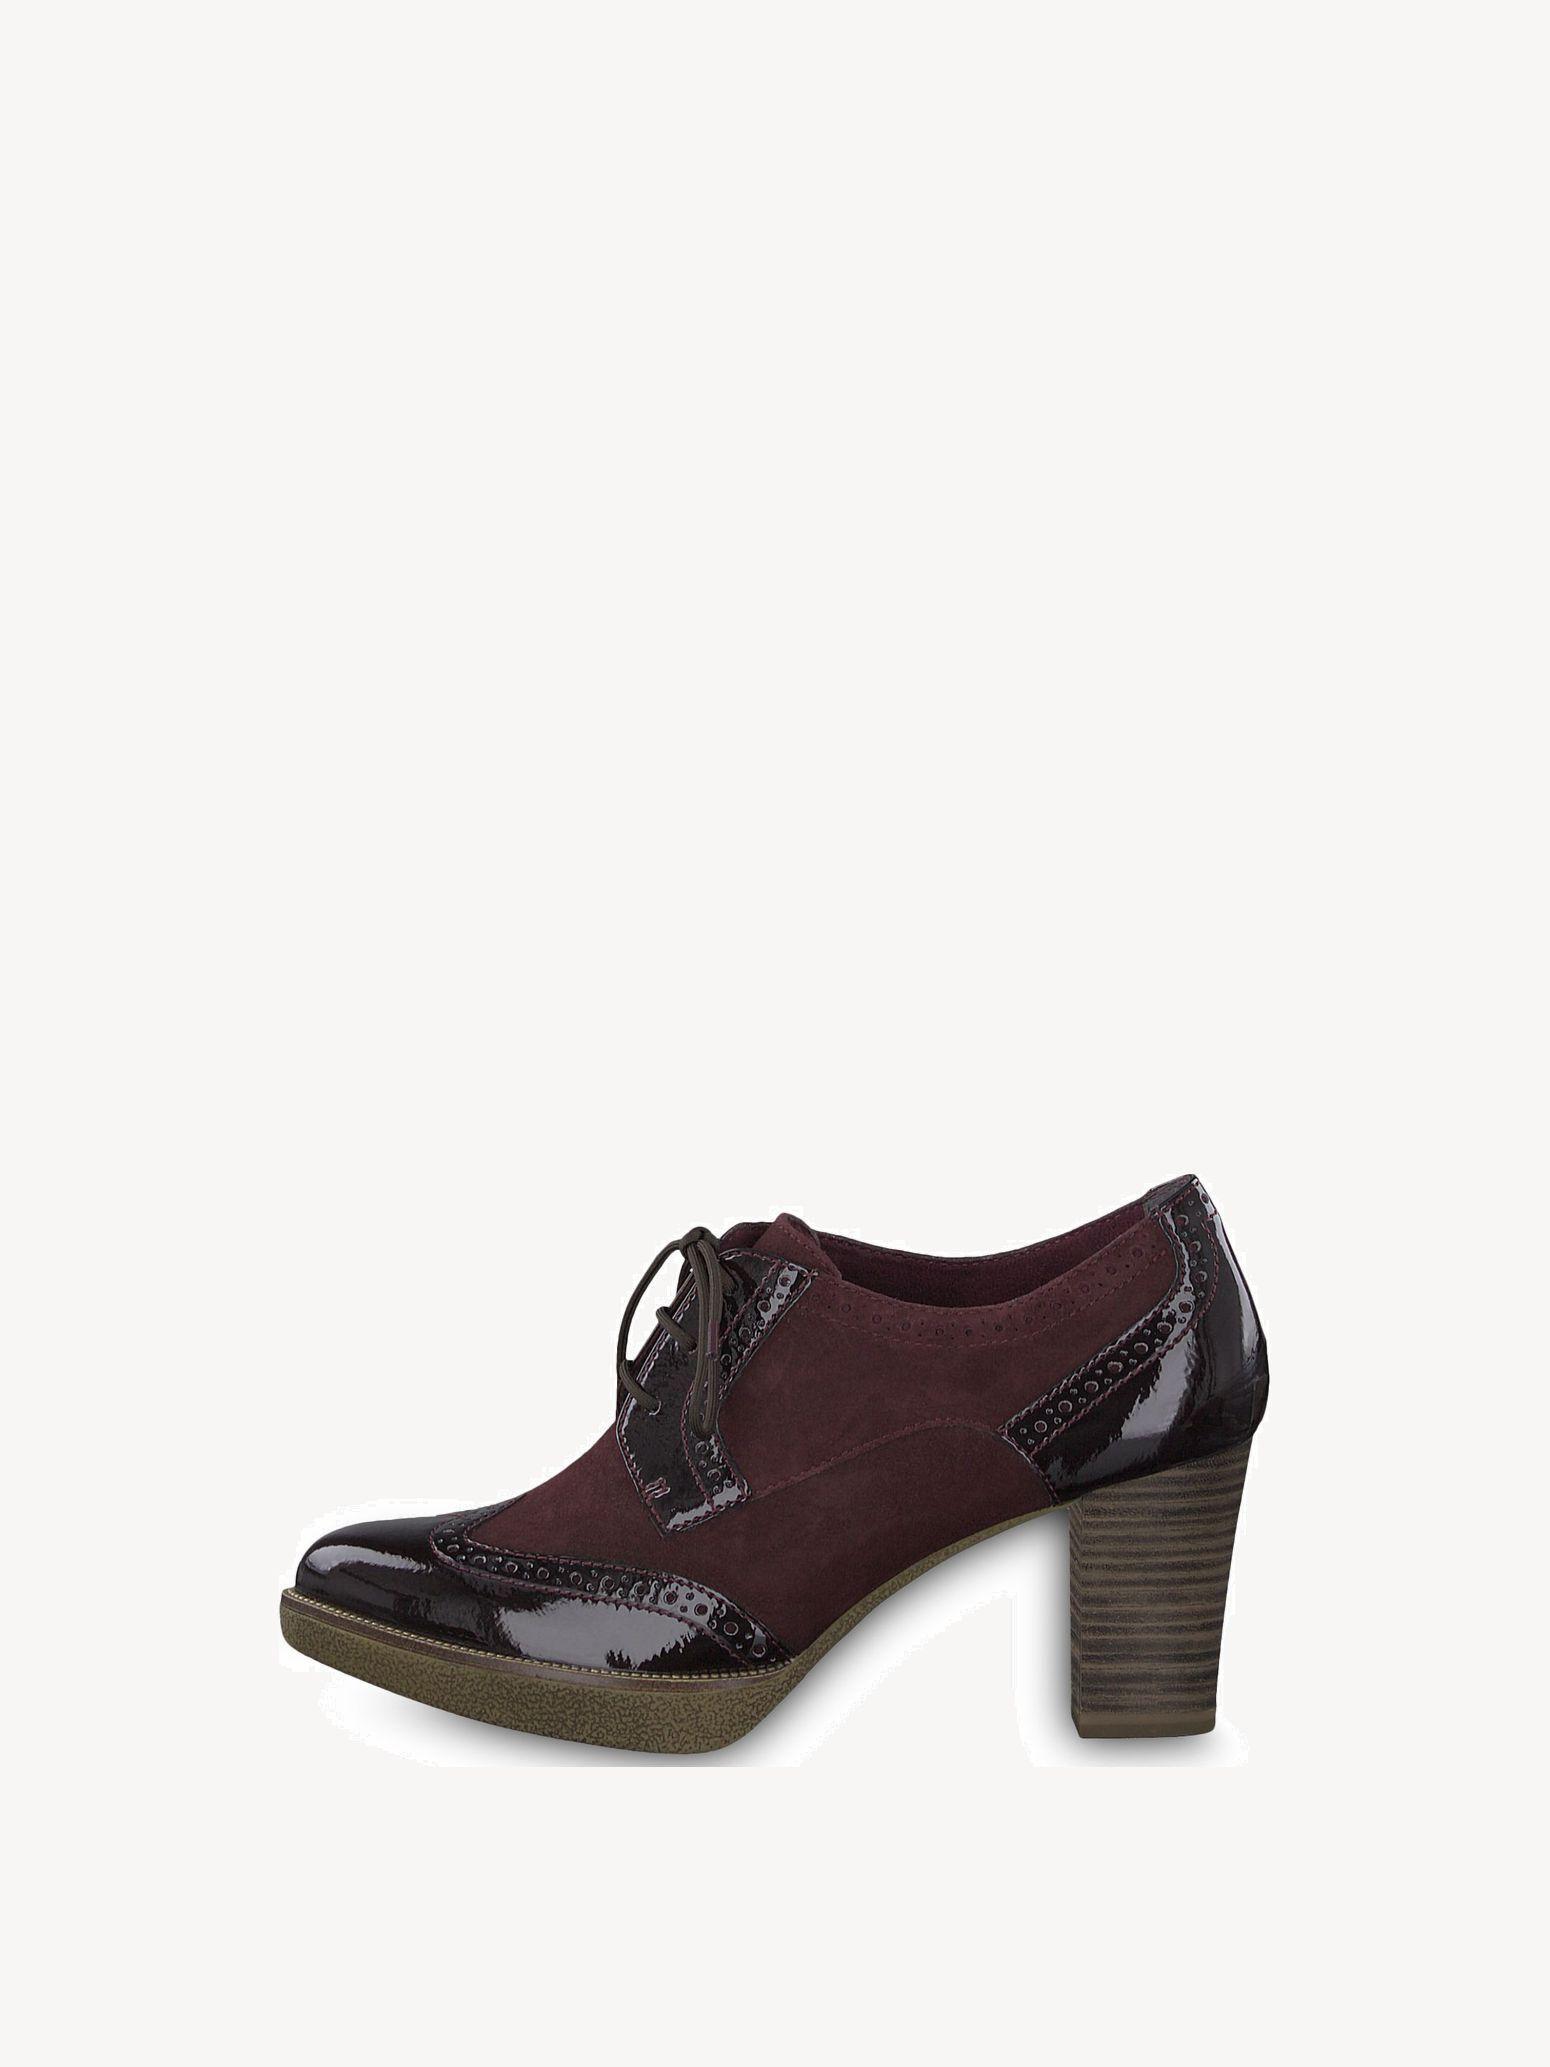 Rn6w5qv Découvrir Chaussures Les Femmes Pour Tamaris À mIf6gyvY7b